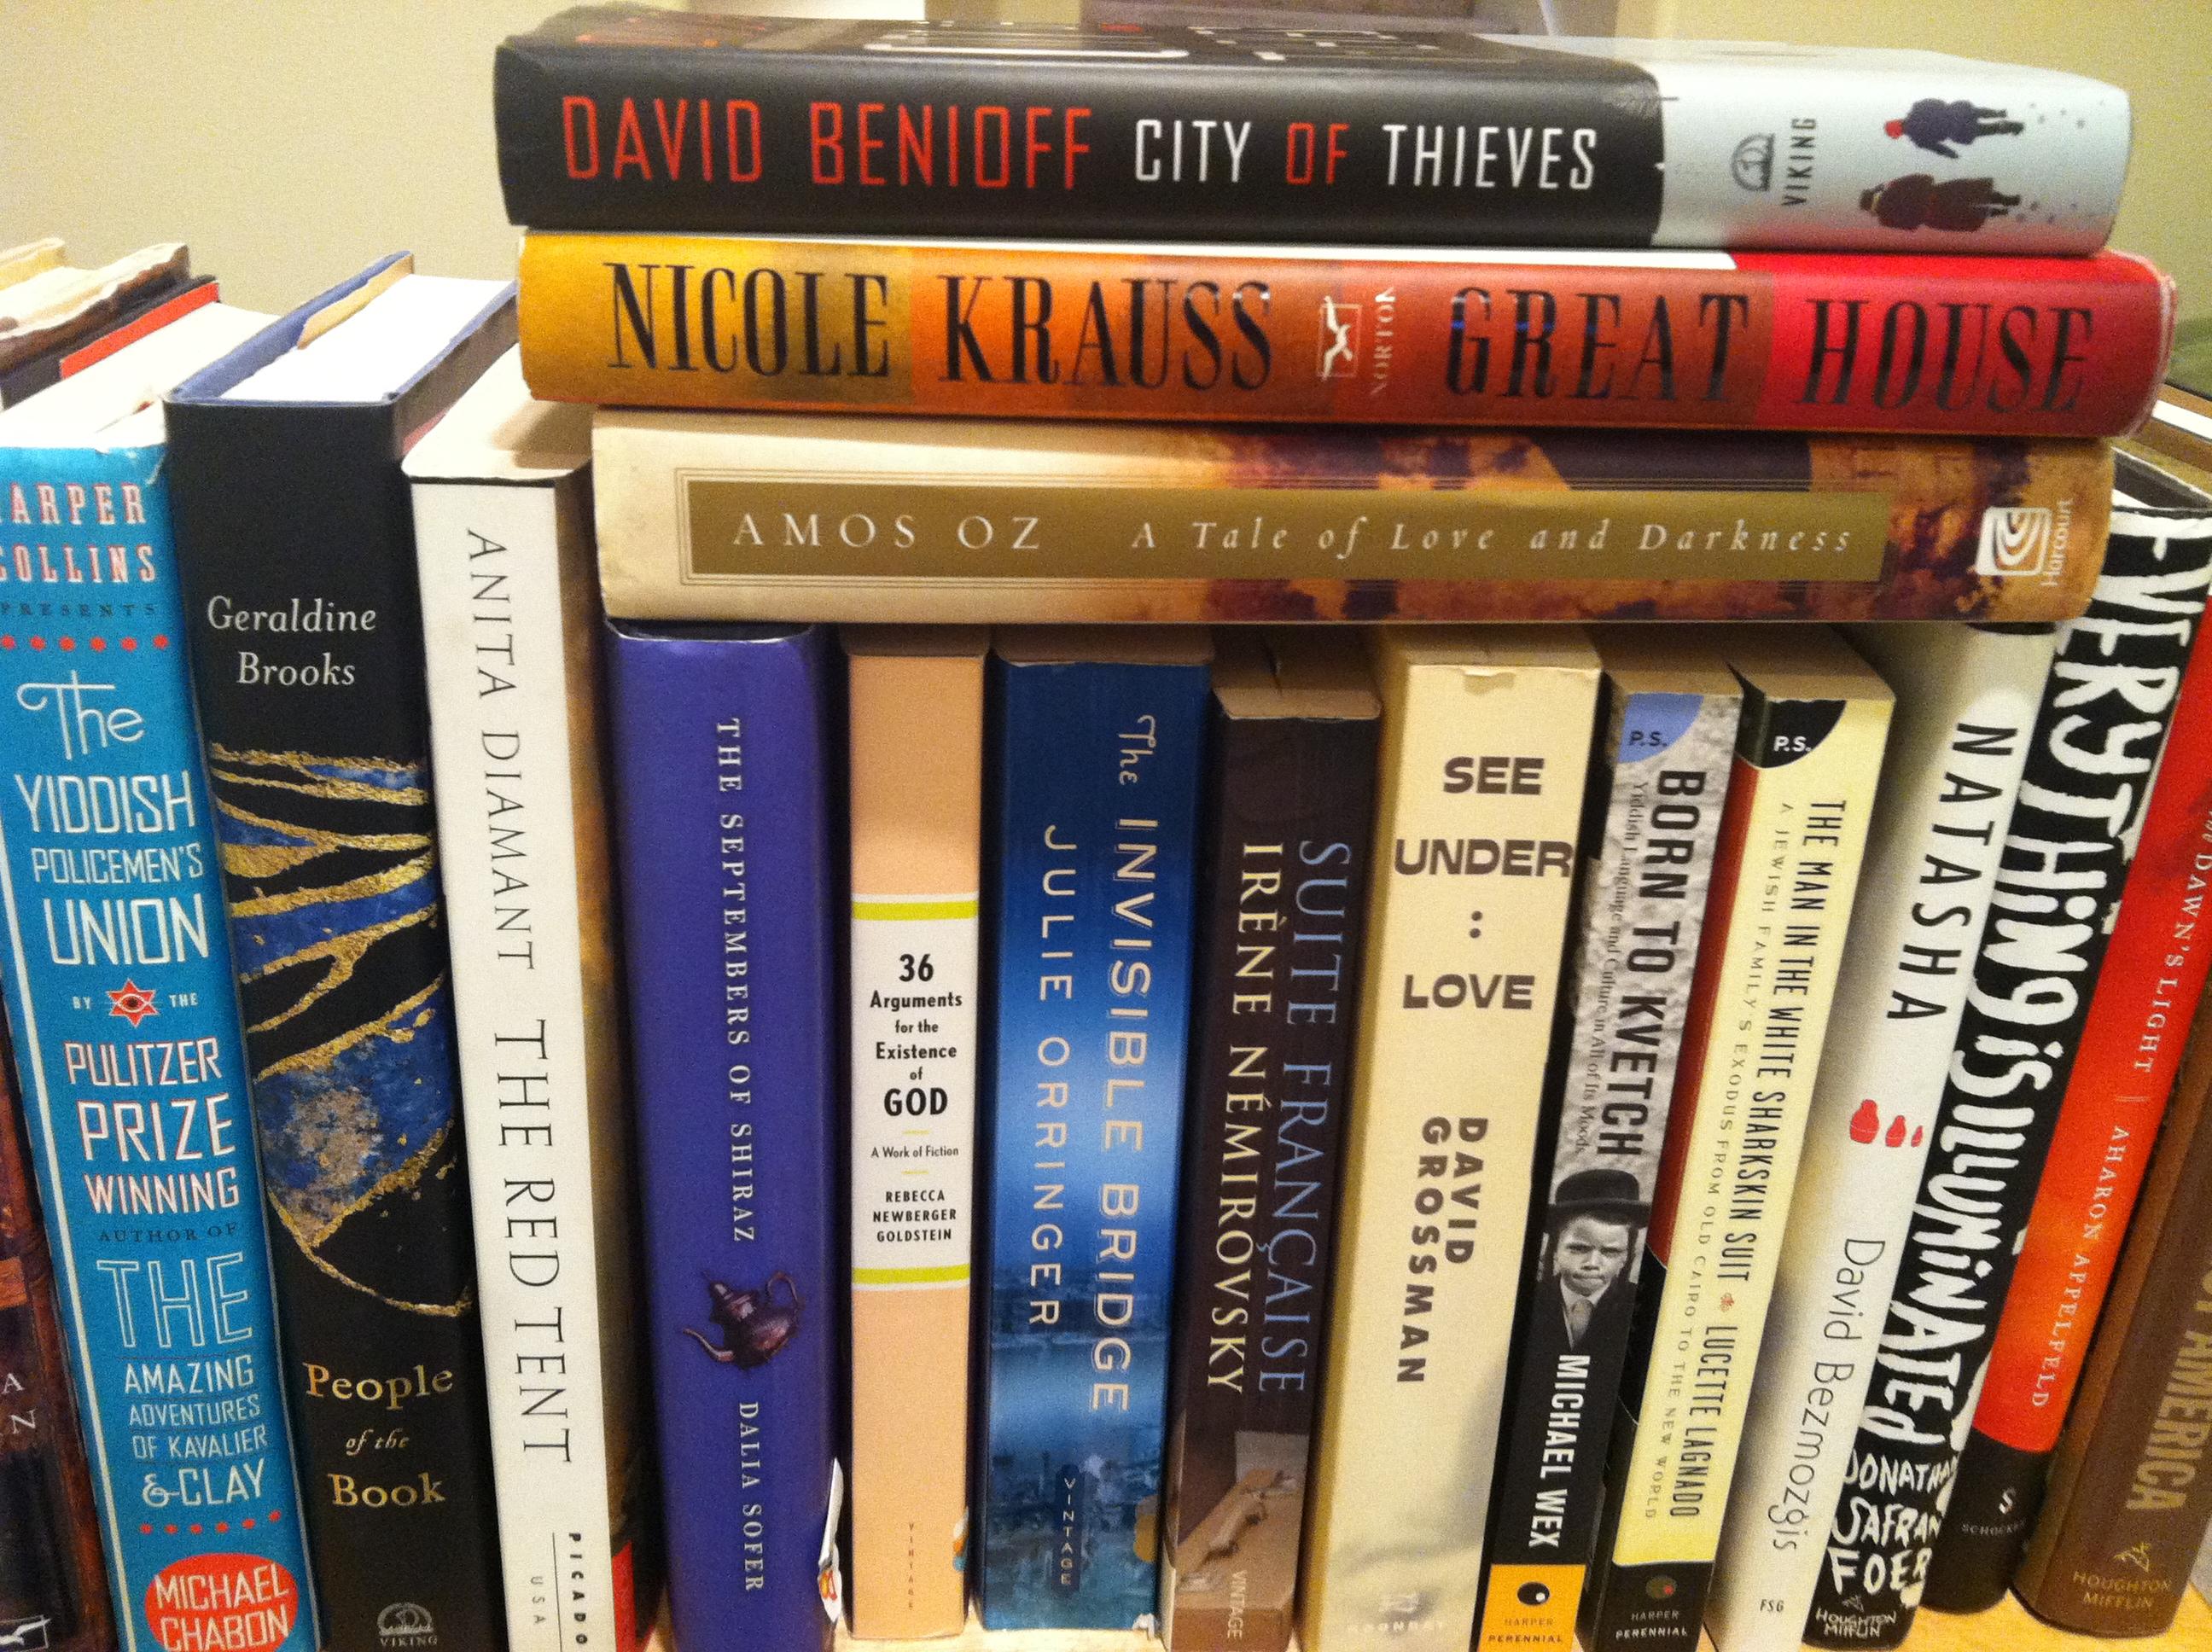 What's a Jewish Bestseller? - UW Stroum Jewish Studies